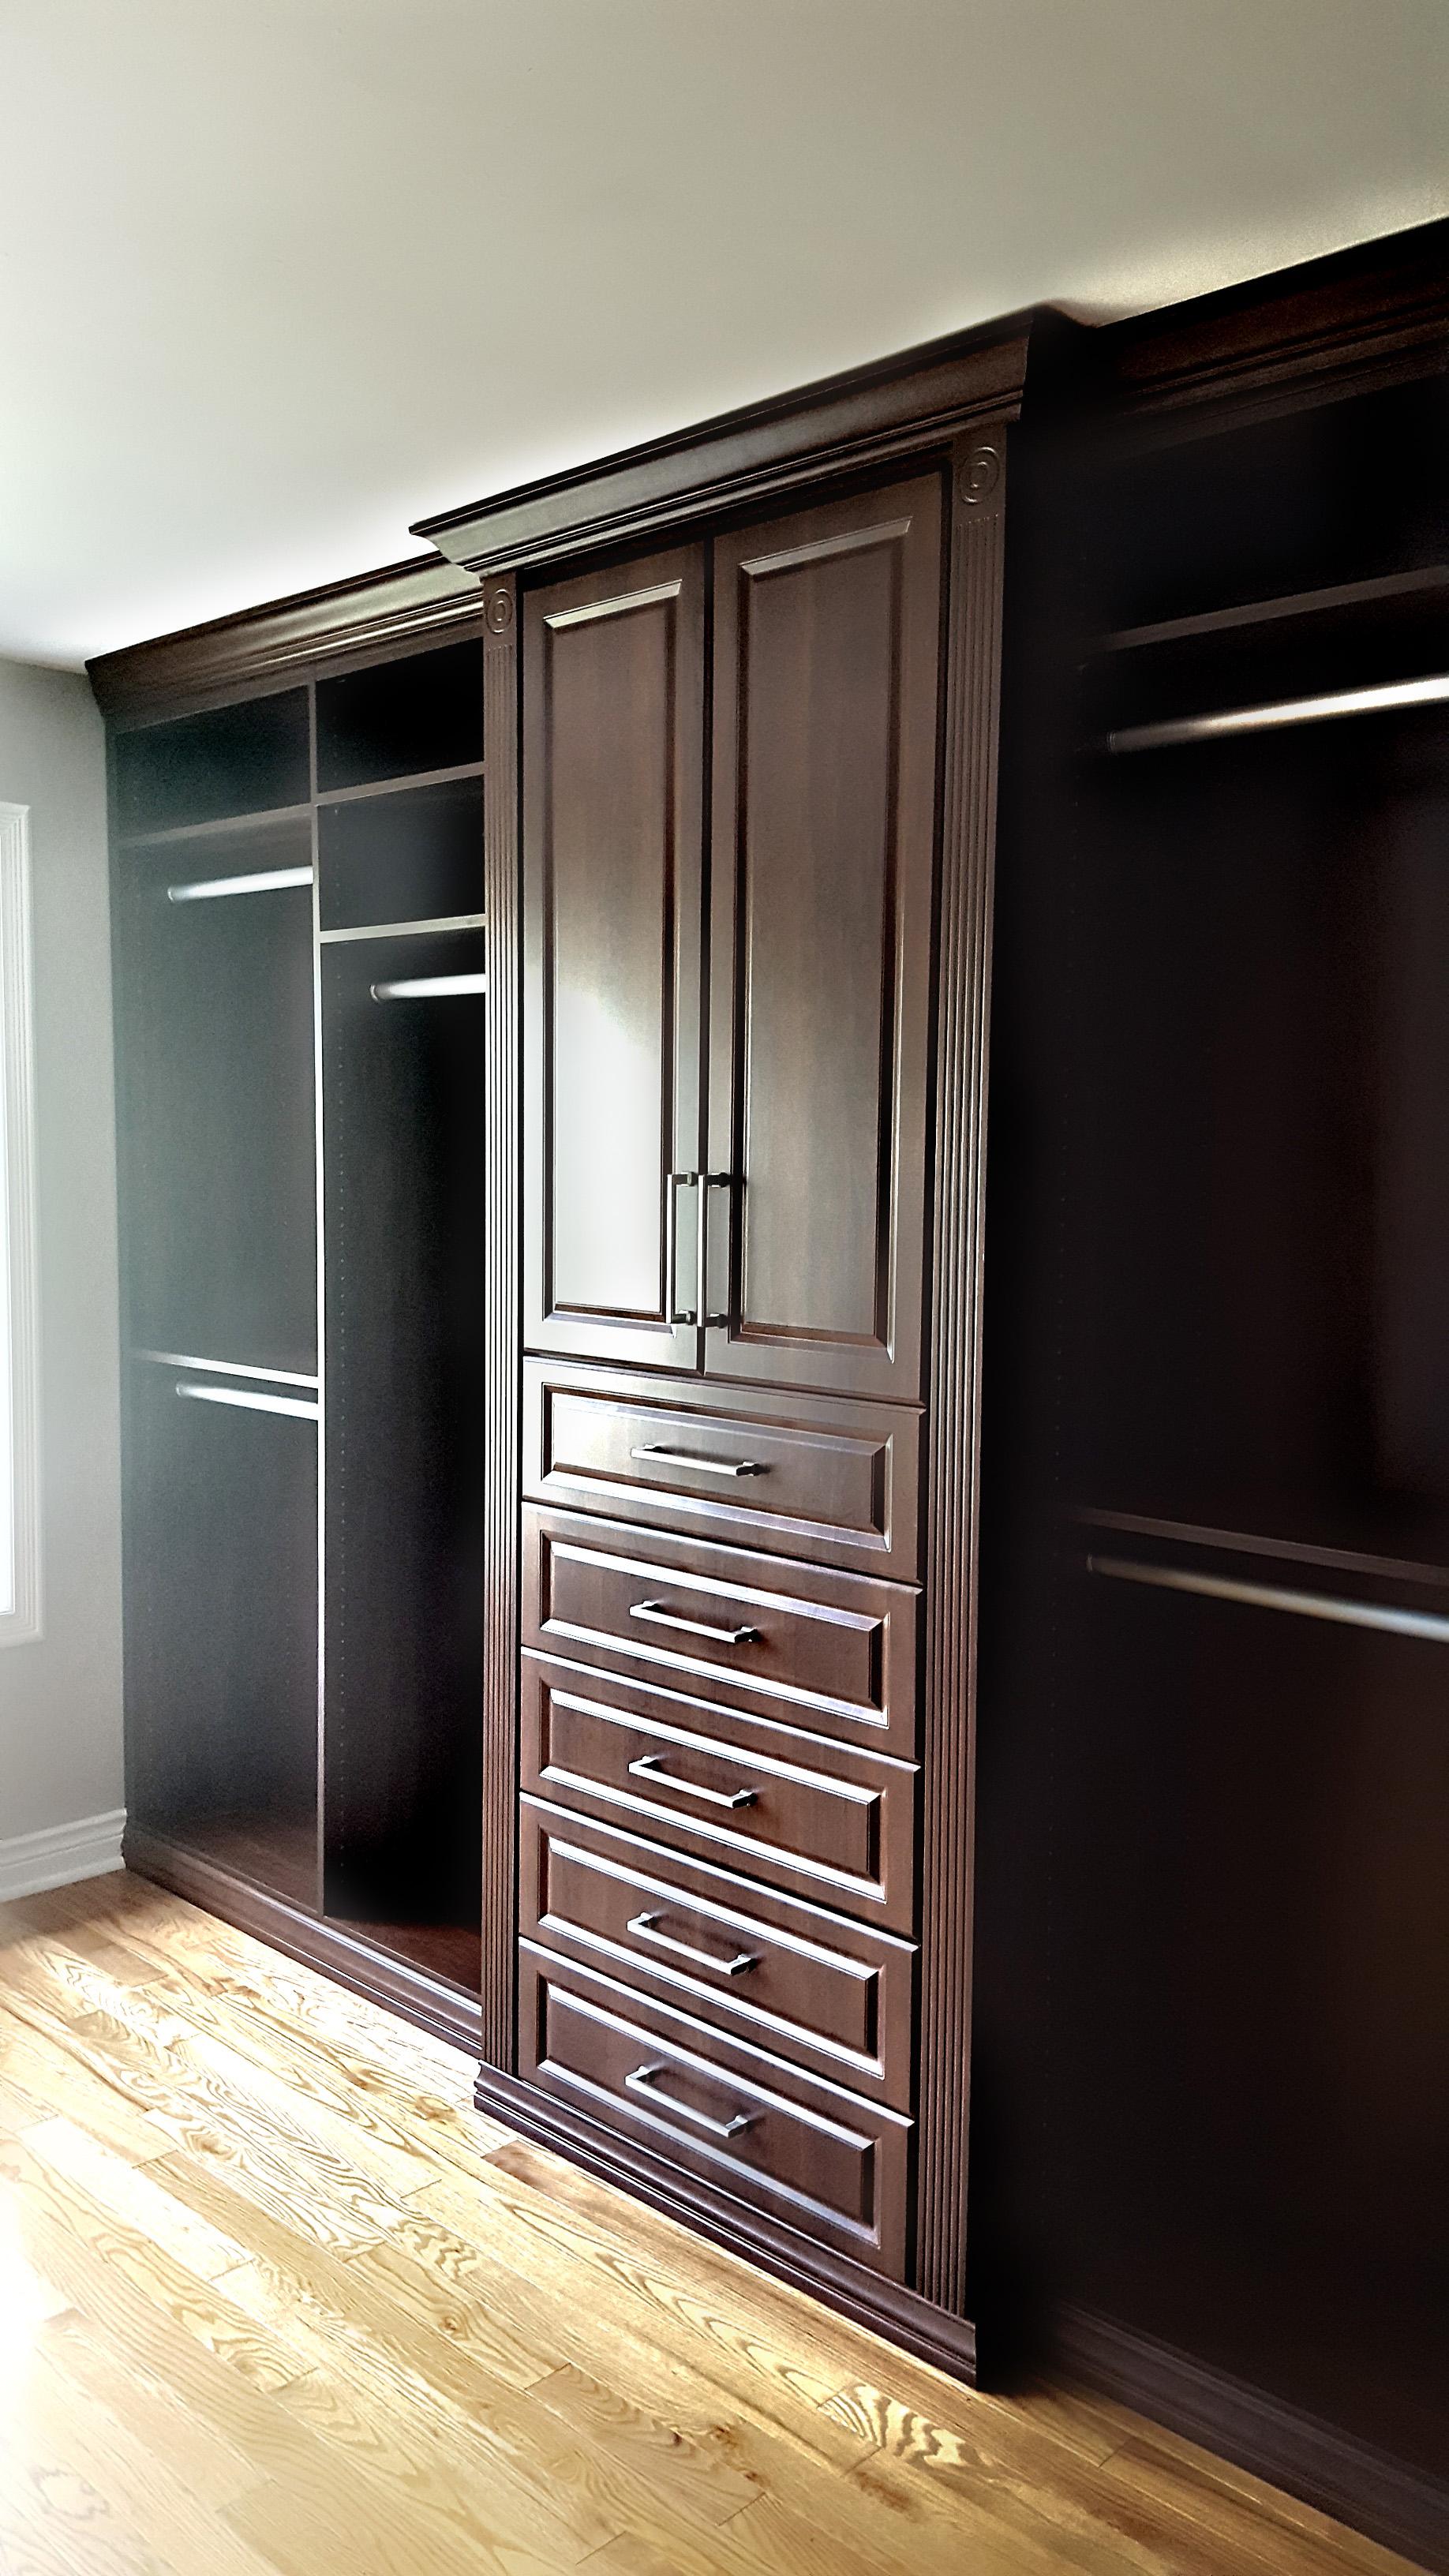 Custom Closets Design Build Install Smart Closet Designs